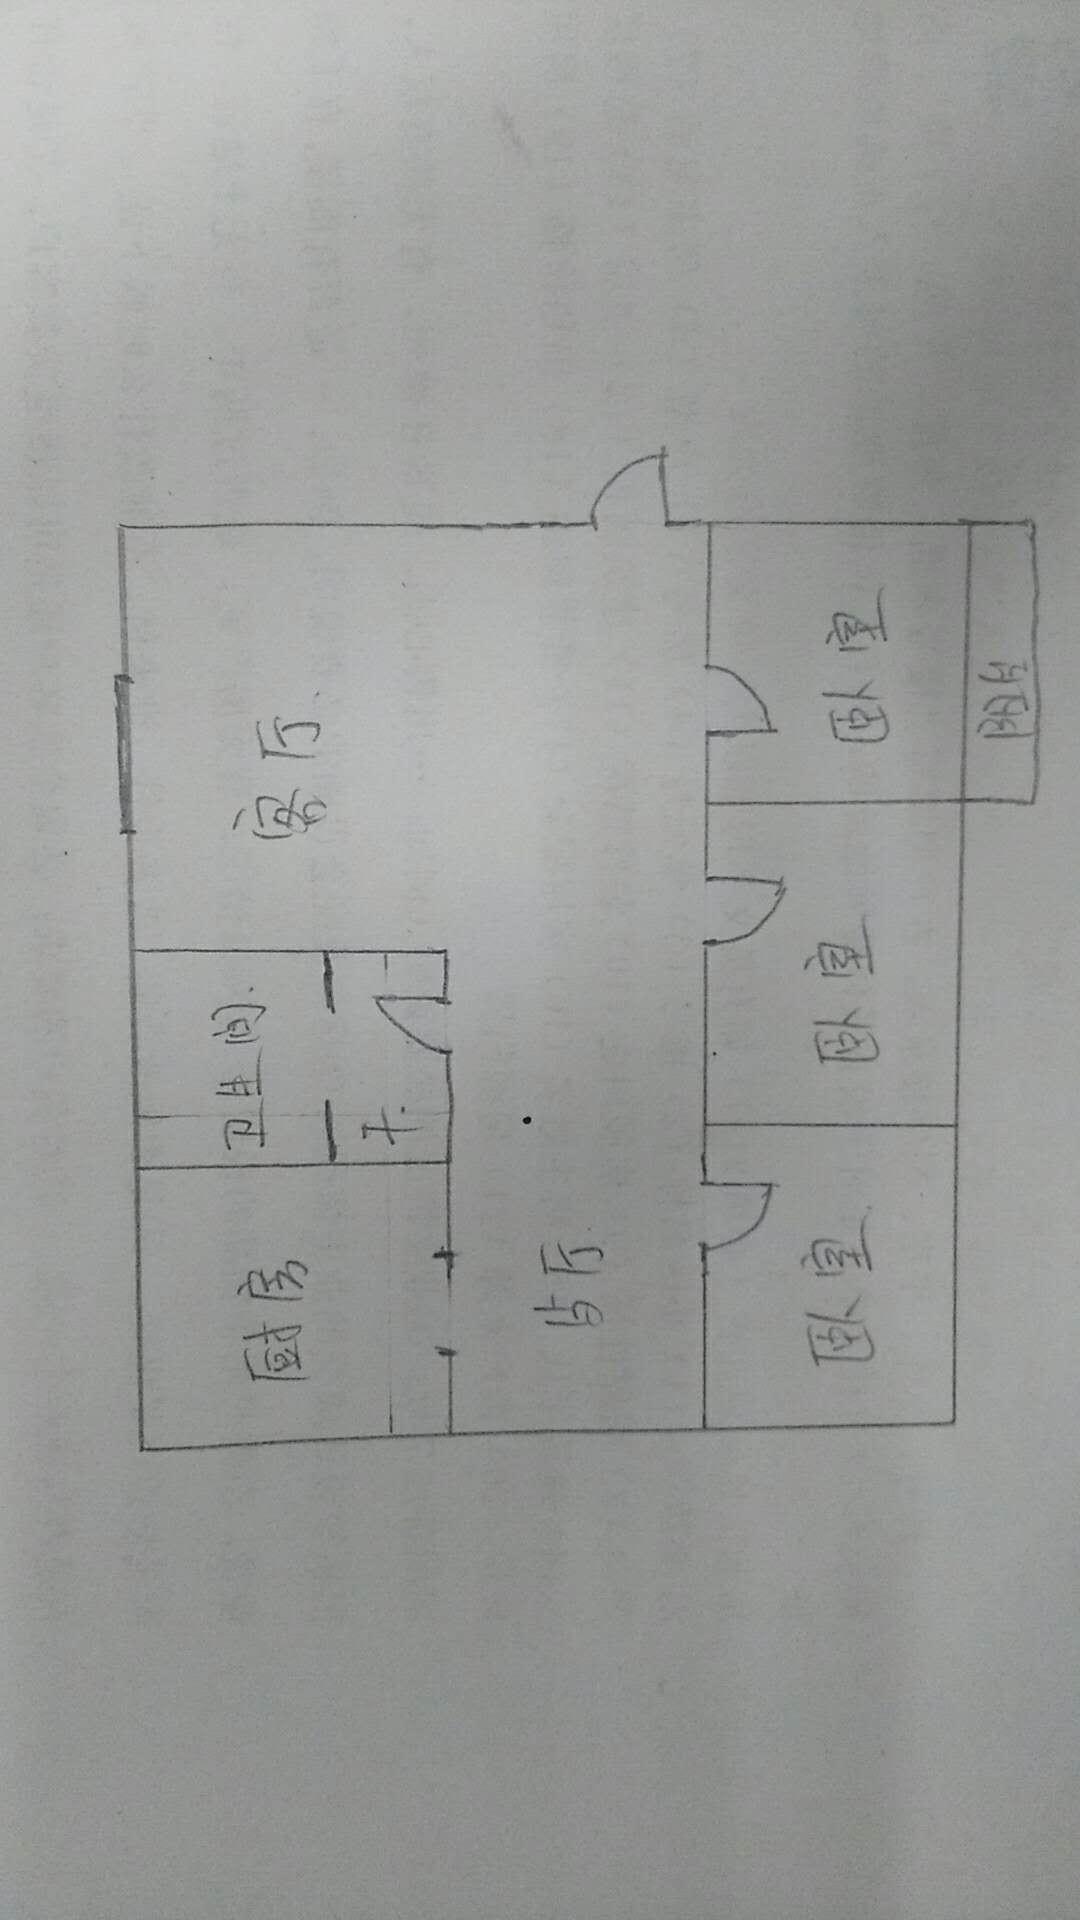 欣王嘉苑 3室2厅 5楼